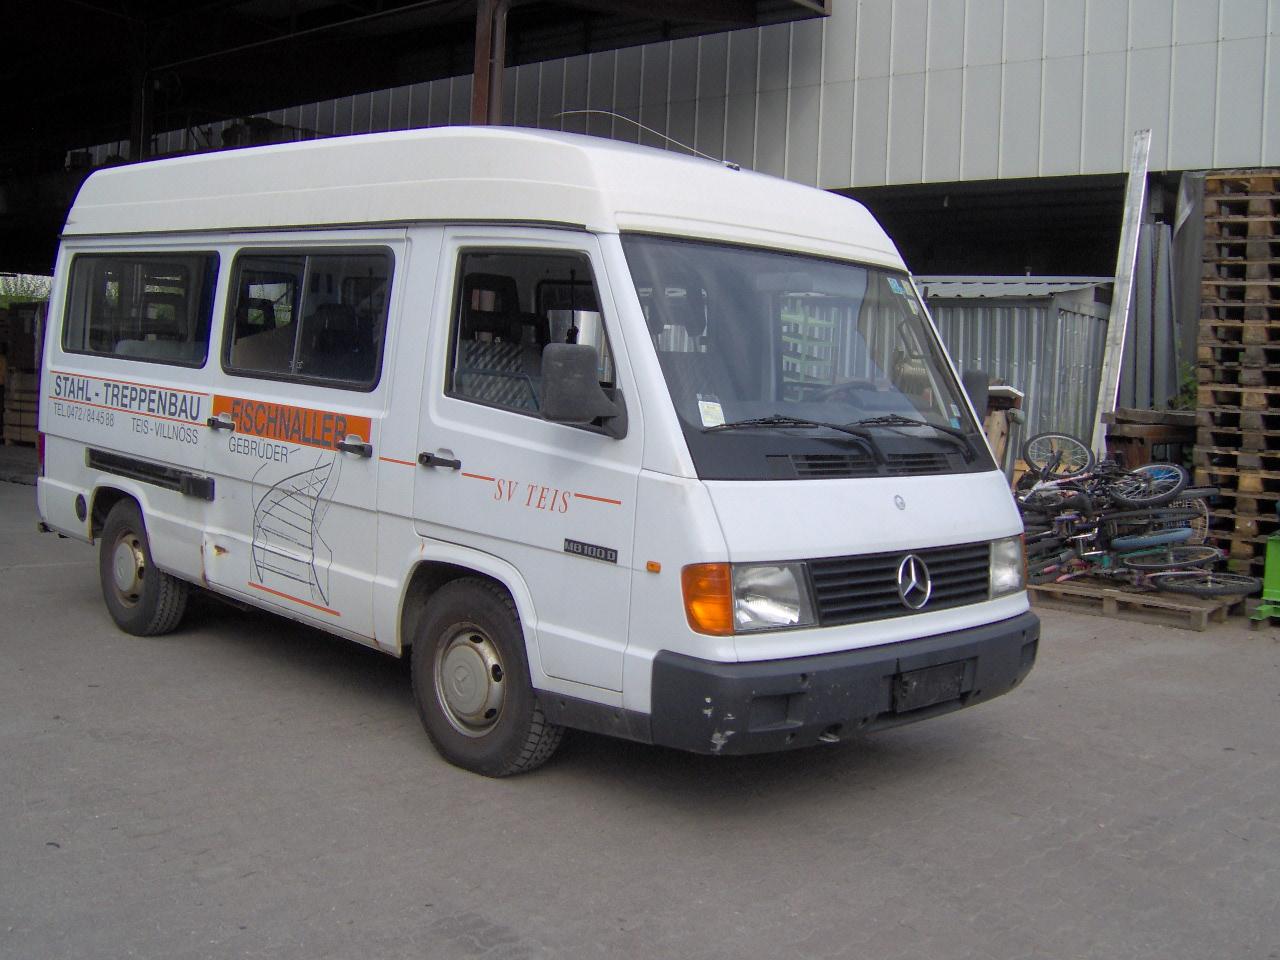 HPIM0679.JPG